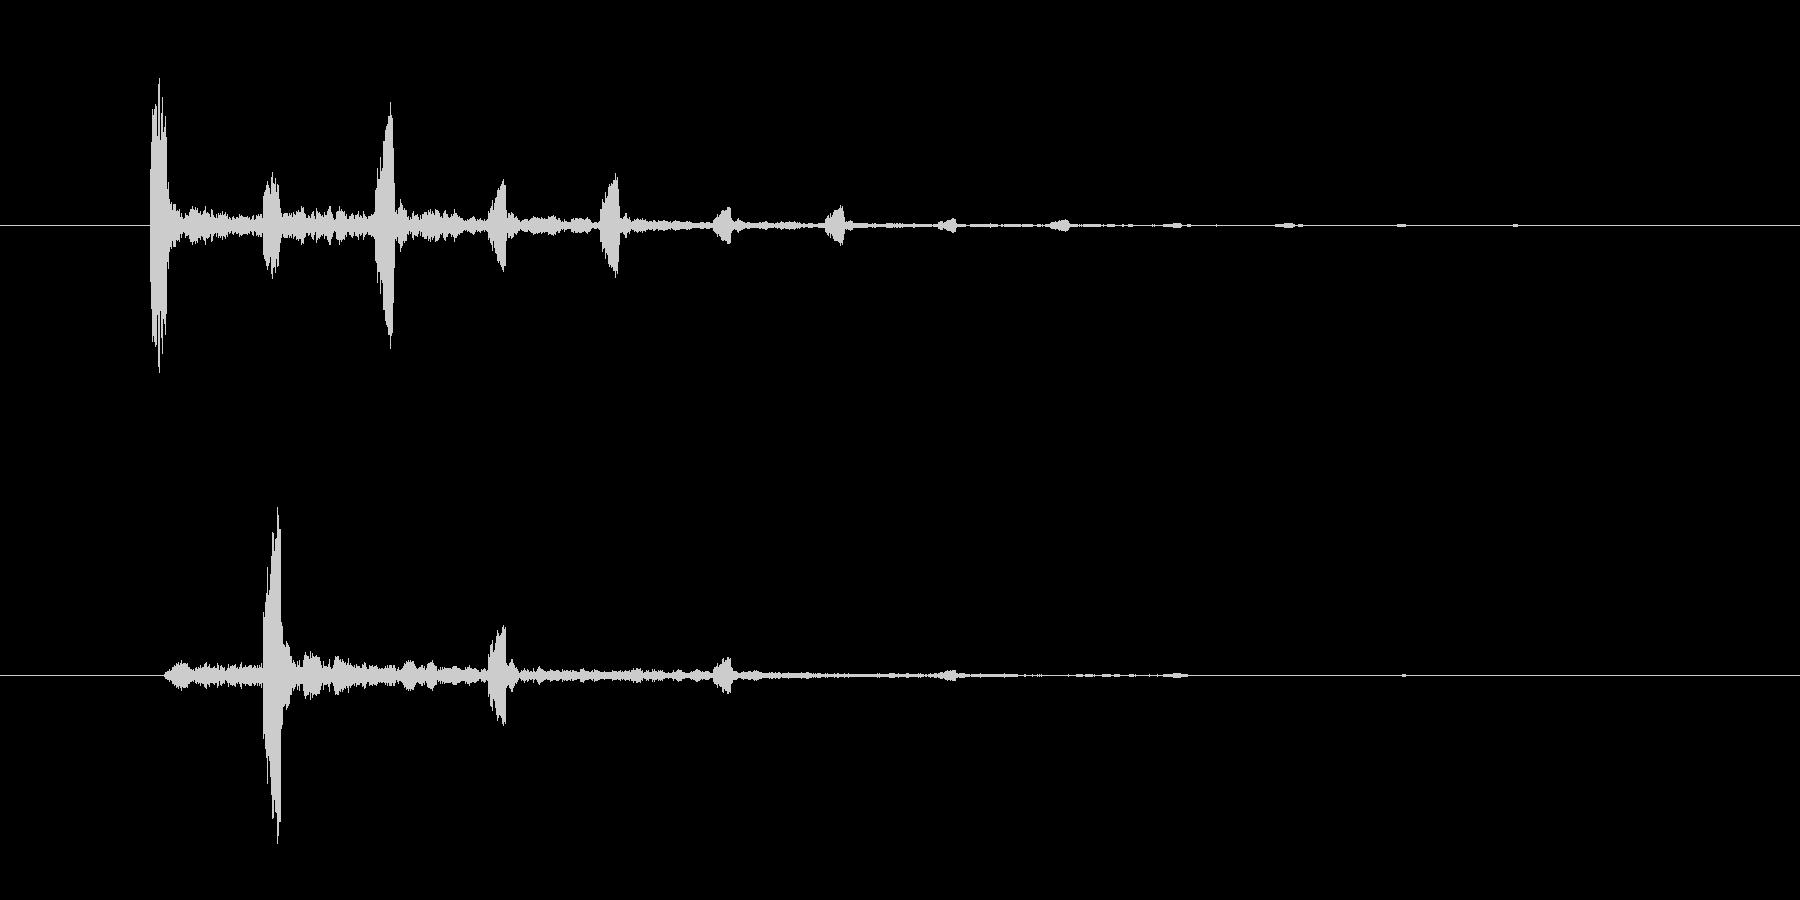 チャッチャッという不思議な効果音の未再生の波形